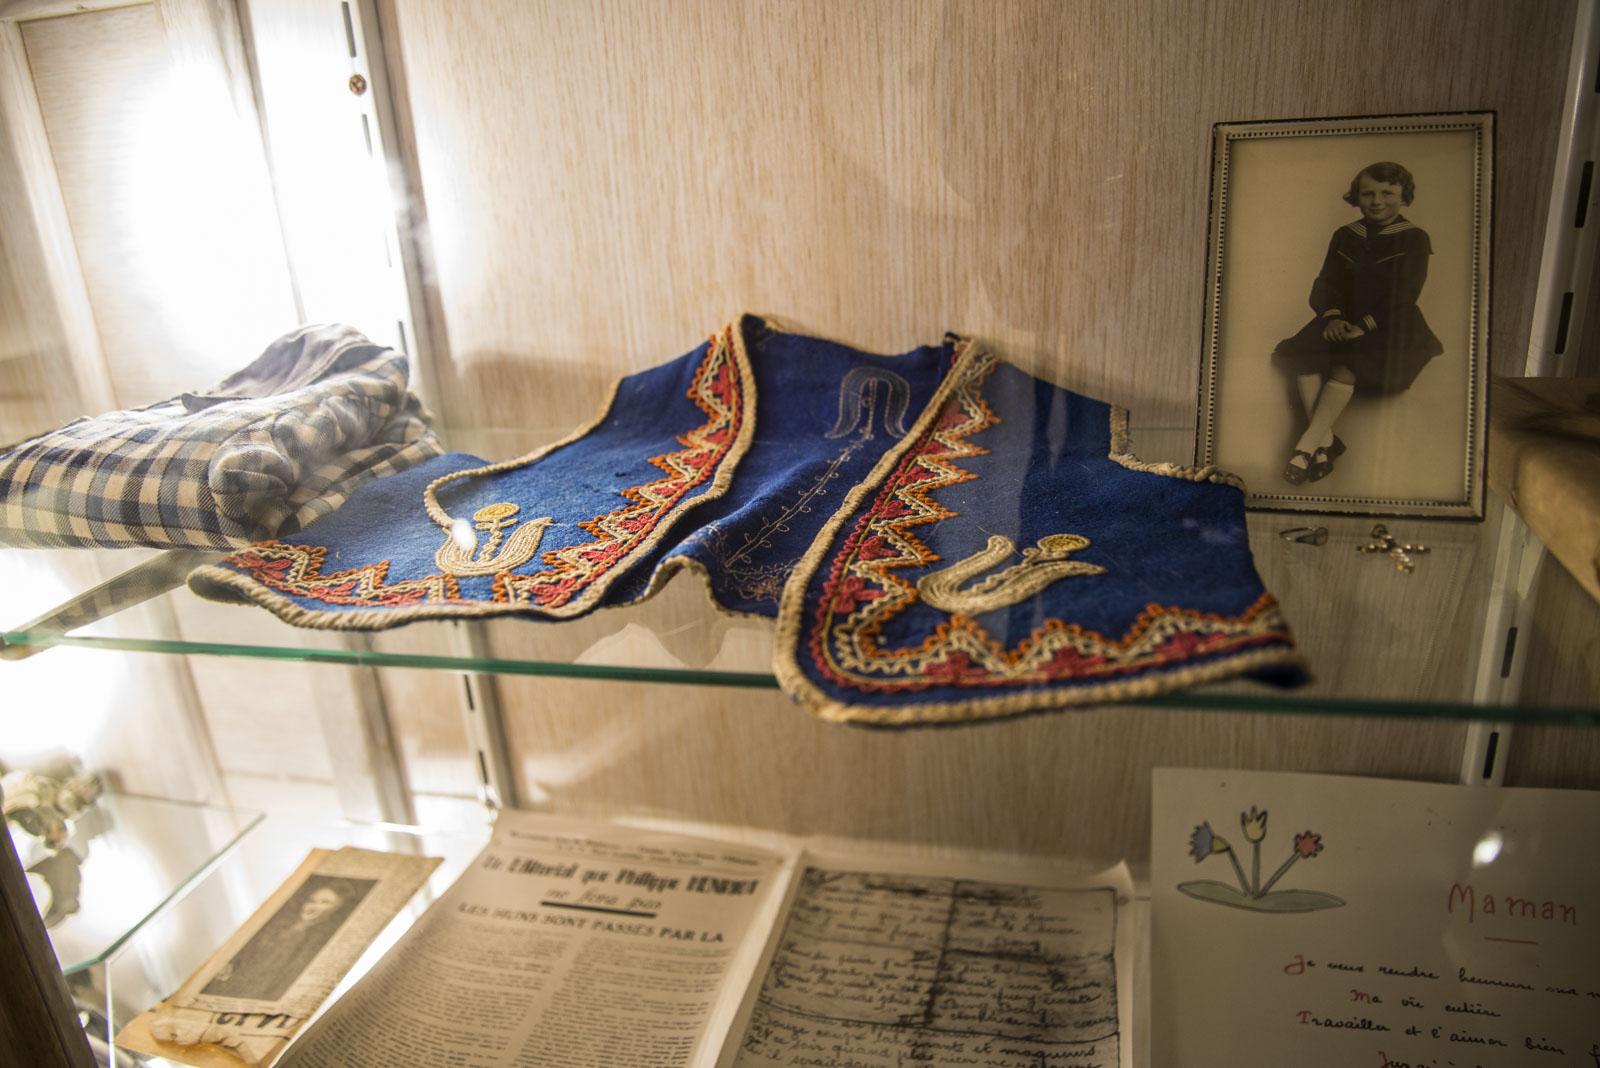 Flere gjenstander som lå igjen i byen eter massakren ble samlet sammen og er utstilt i minnesenteret